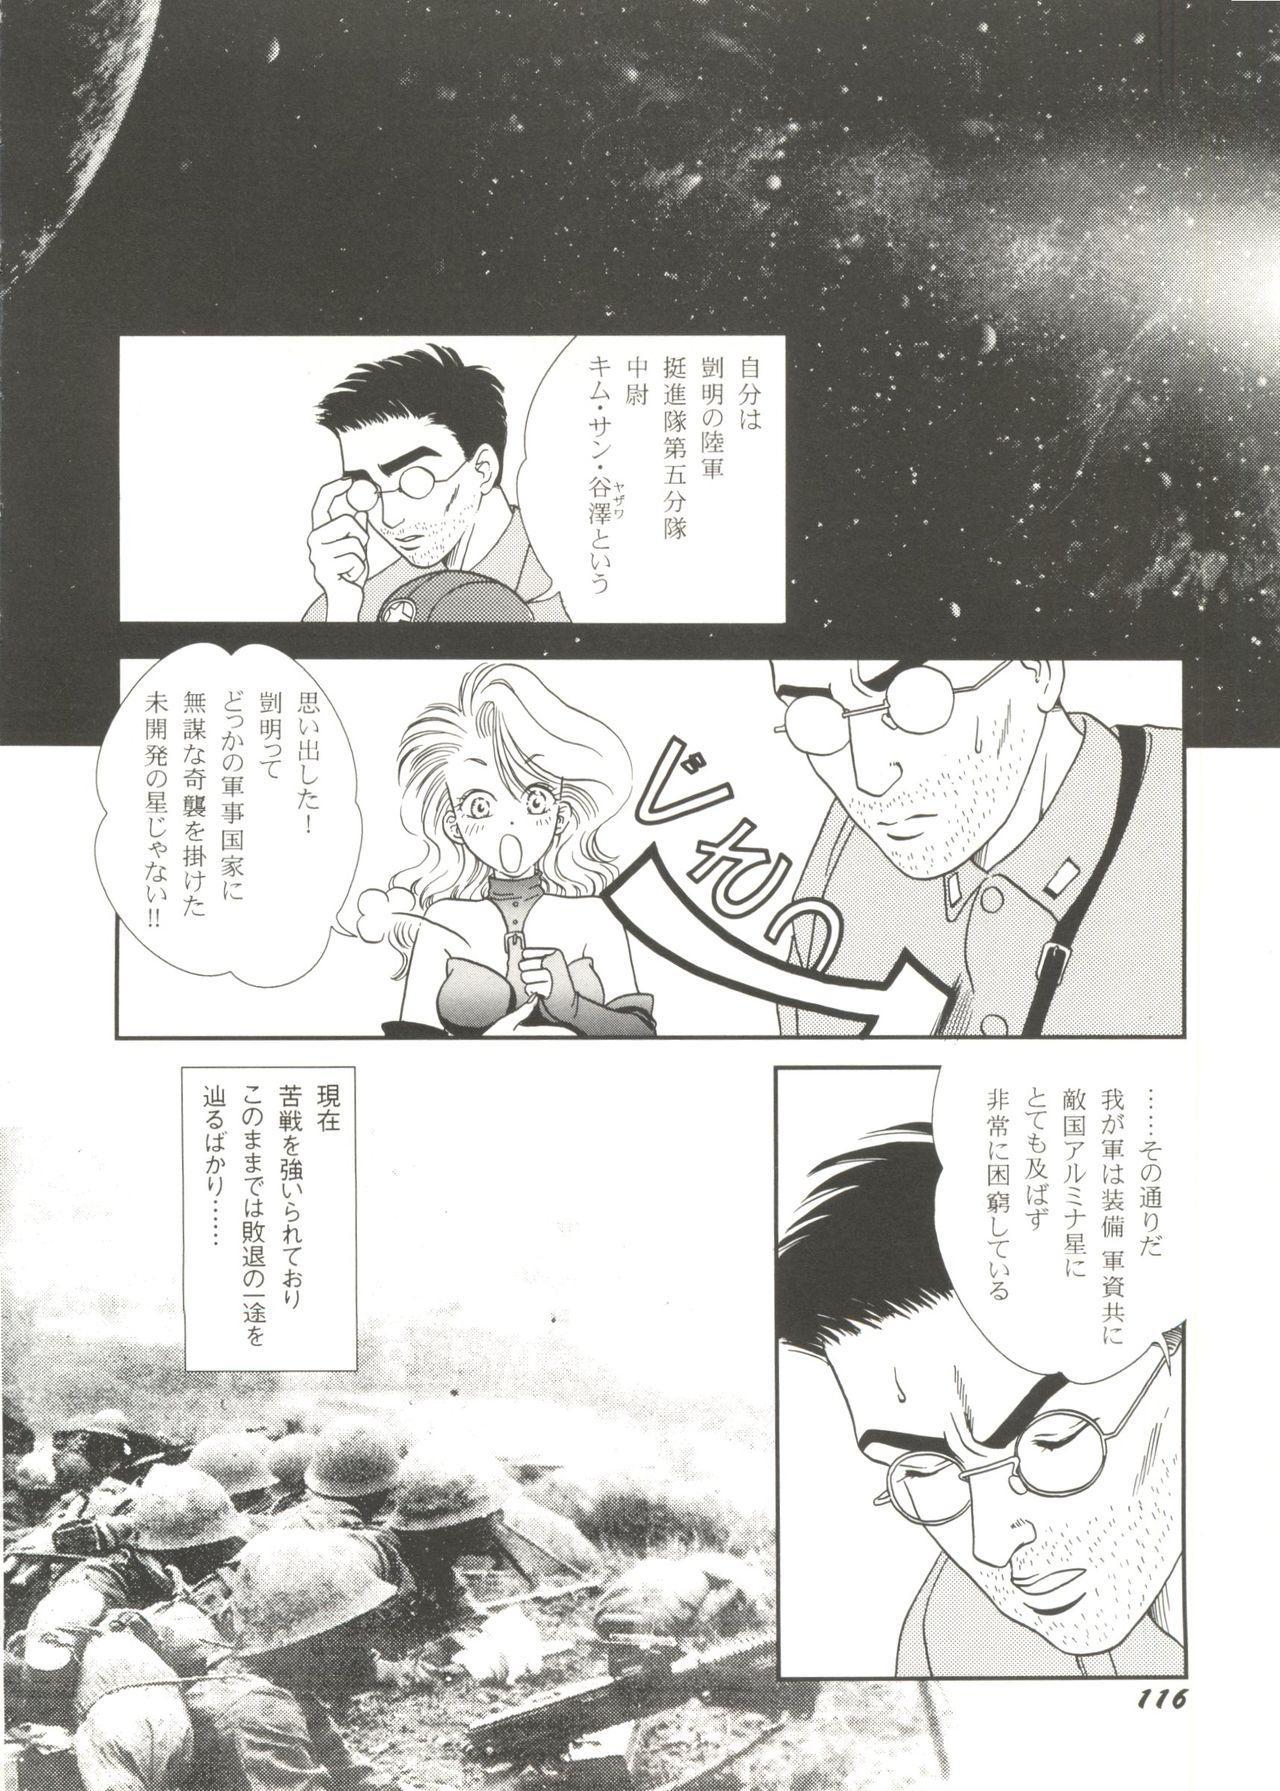 Doujin Anthology Bishoujo a La Carte 1 117